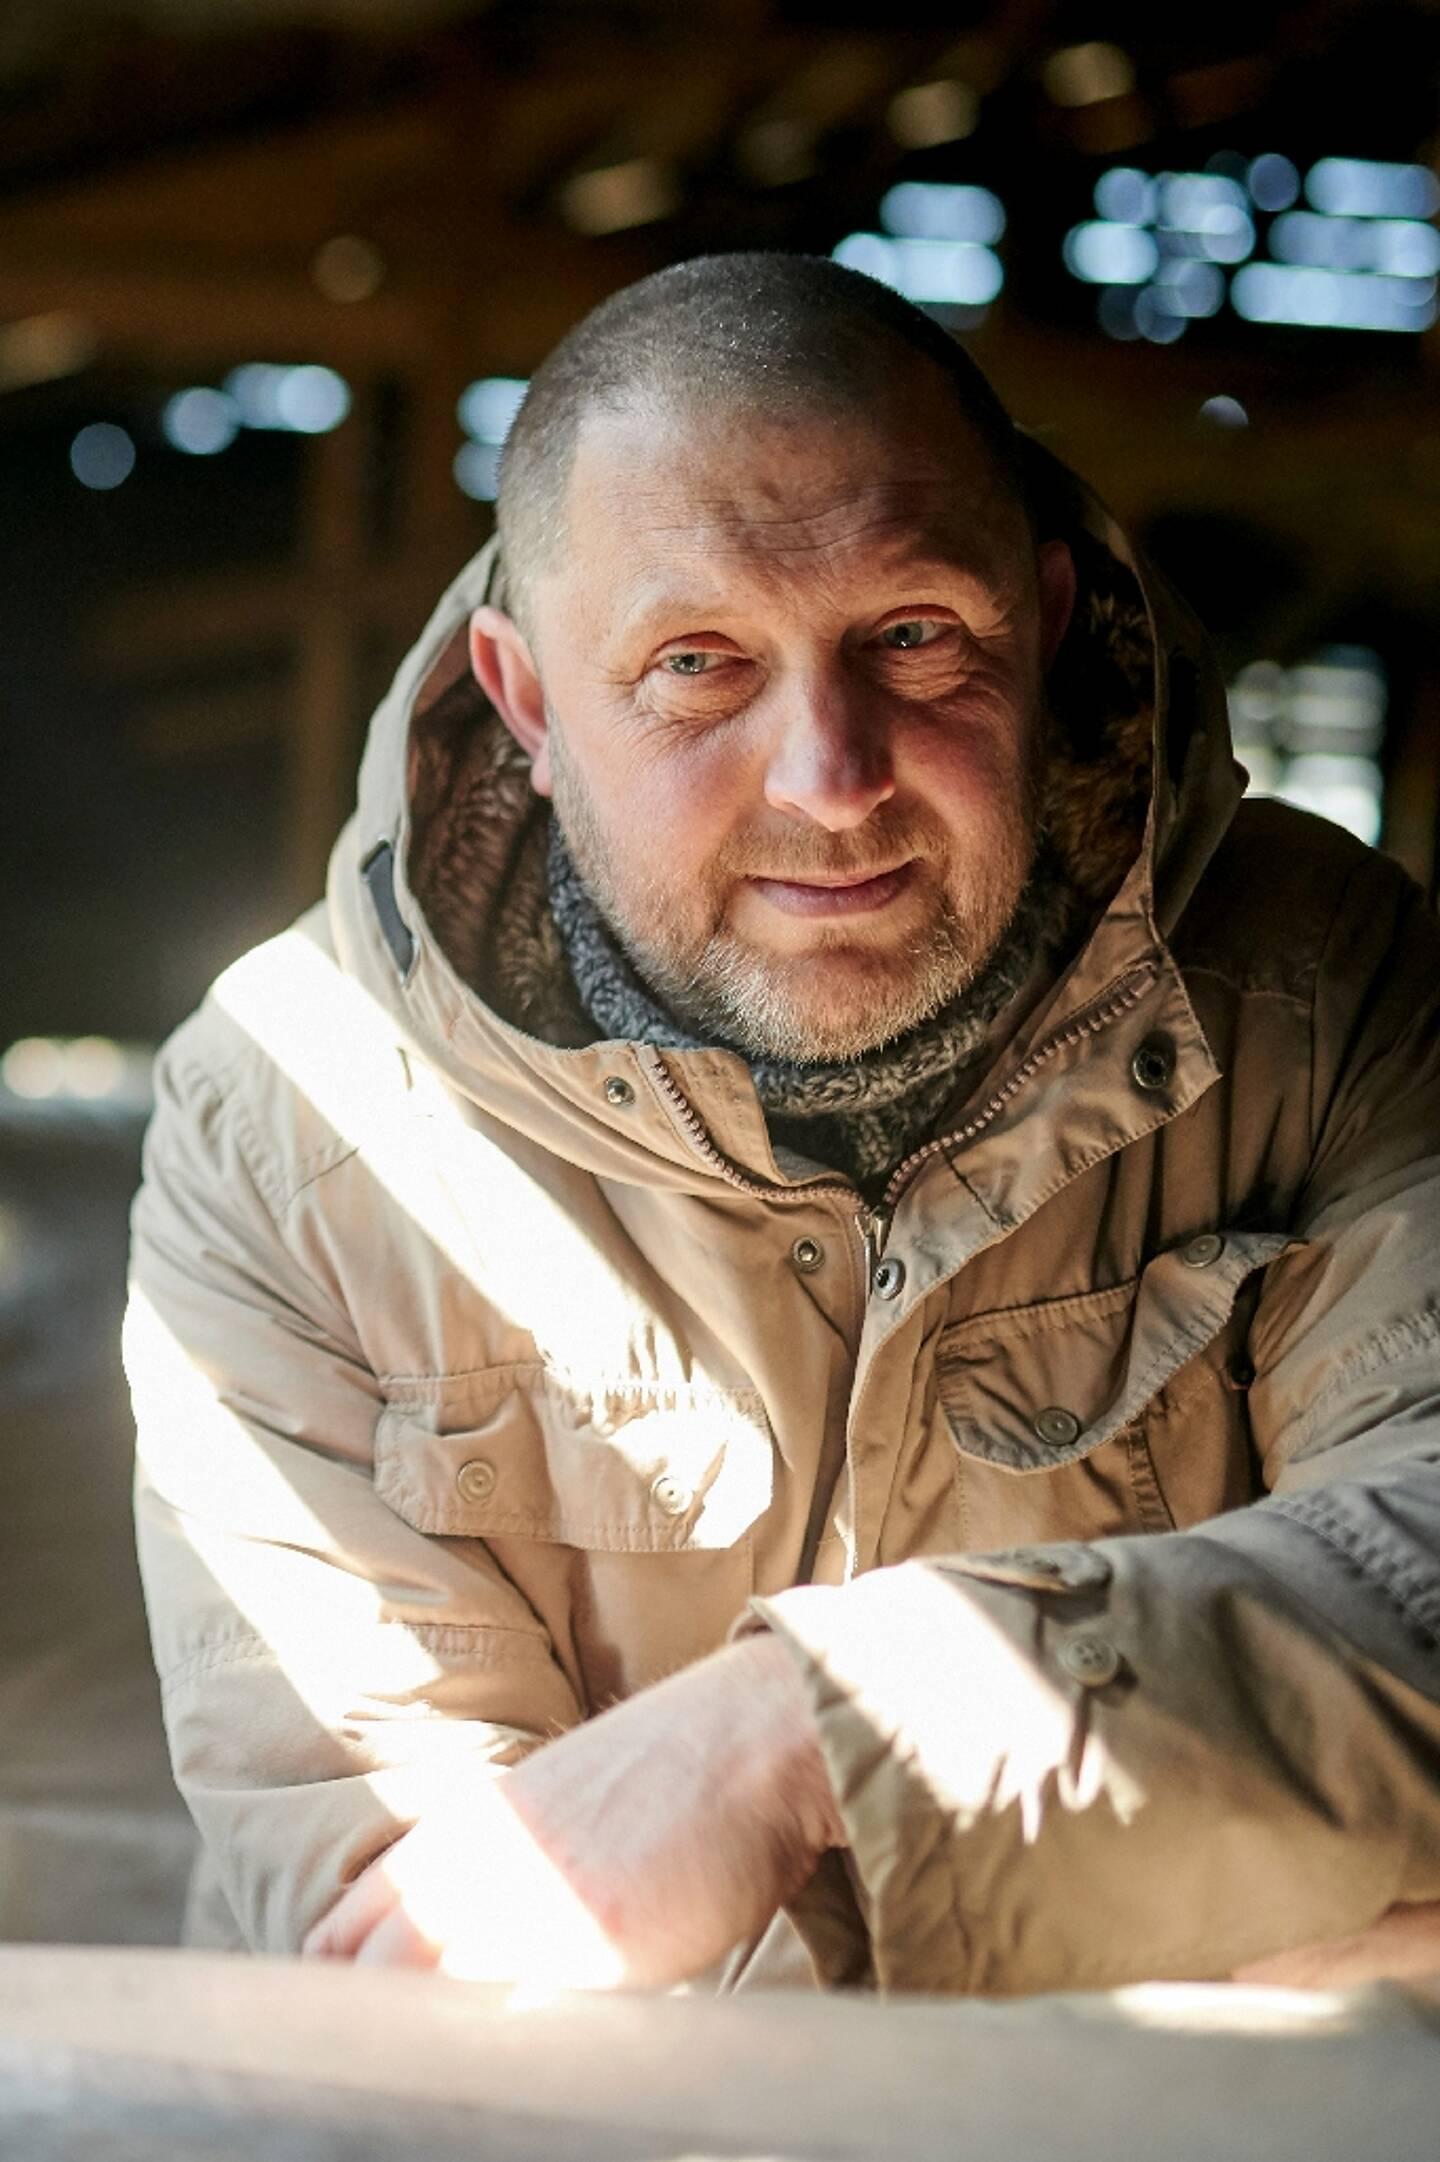 Dagmar Kopijasz, initiateur du projet de restauration  de  l'ancienne cantine de Auschwitz-Birkenau,  pose dans ce lieu le 9 avril 2021